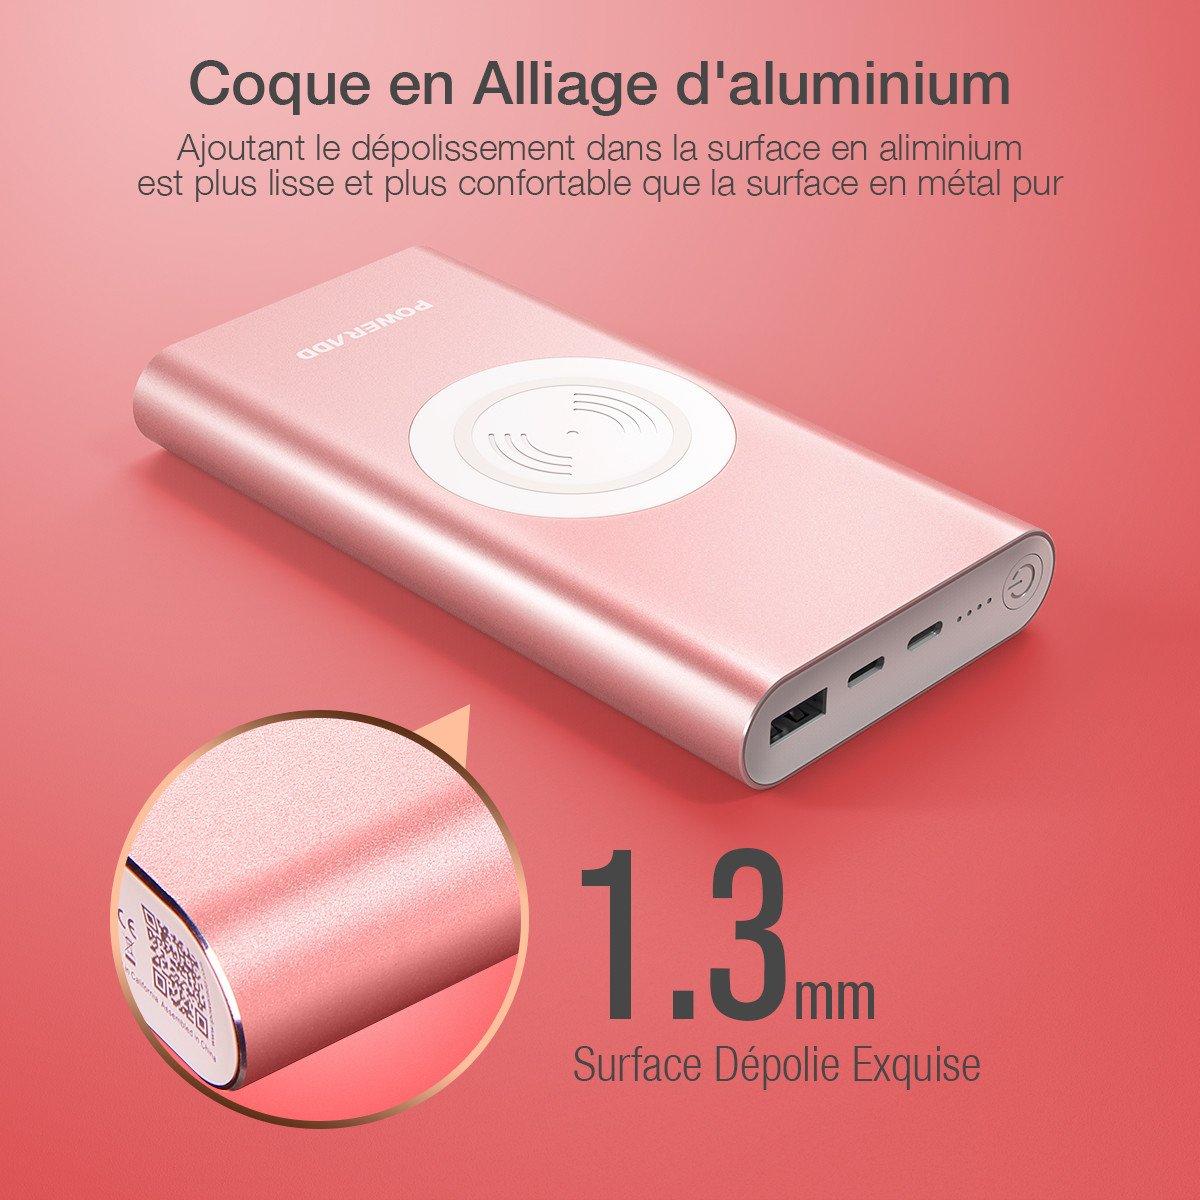 POWERADD 10000mAh Batterie de Secours sans Fil Chargeur Portable à Induction avec 2 Sortie 3.1A Charge Rapide - Rouge Doré